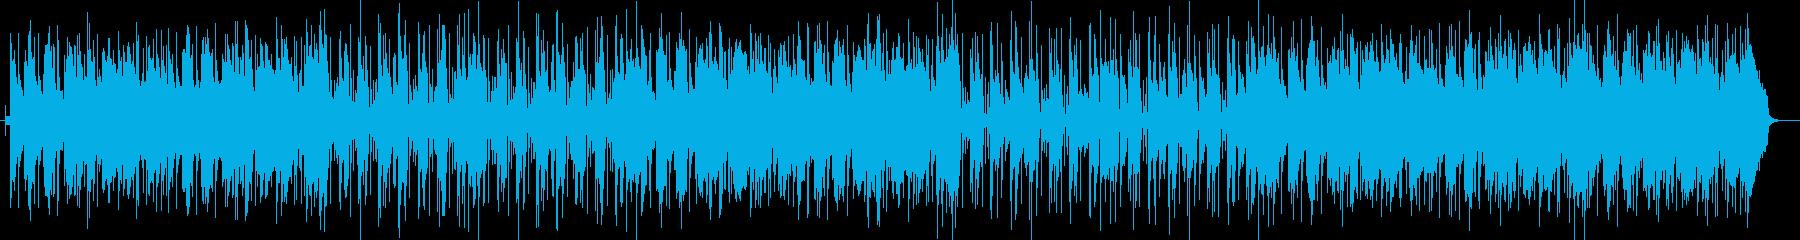 モダンなジャズテイストの楽曲の再生済みの波形